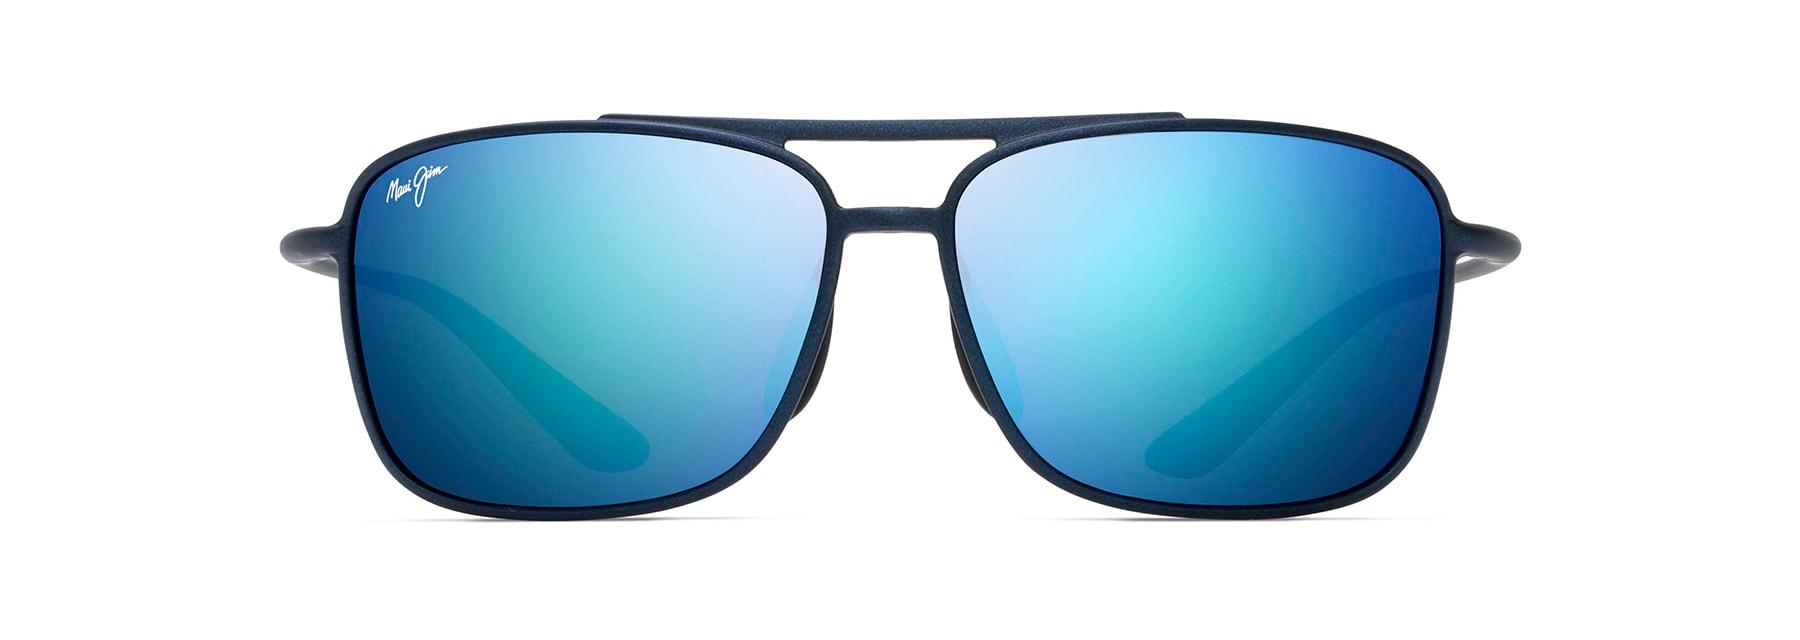 6e30b8a8bcf9 Kaupo Gap Polarized Sunglasses